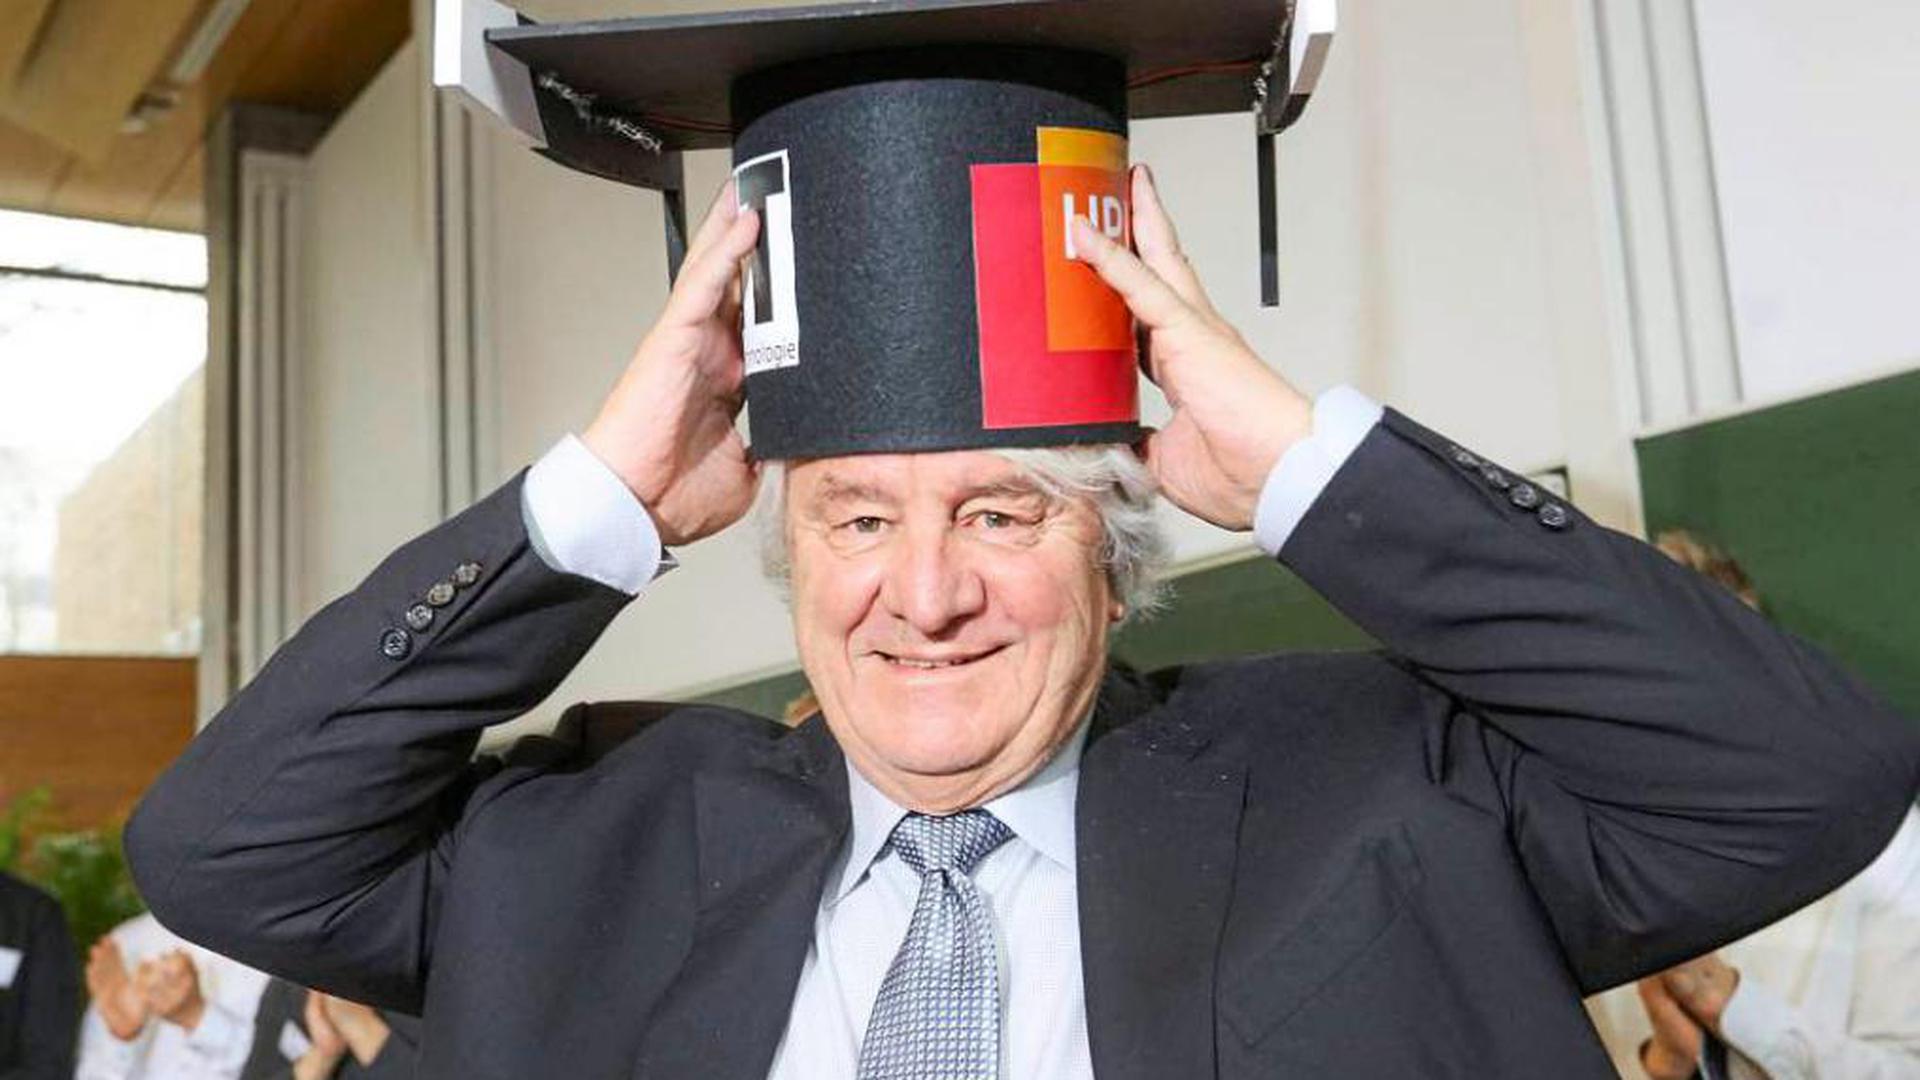 Mit einem Anflug von Rührung nimmt Software-Pionier und Milliardär Hasso Plattner den Ehrendoktor seiner alten Karlsruher Universität entgegen.